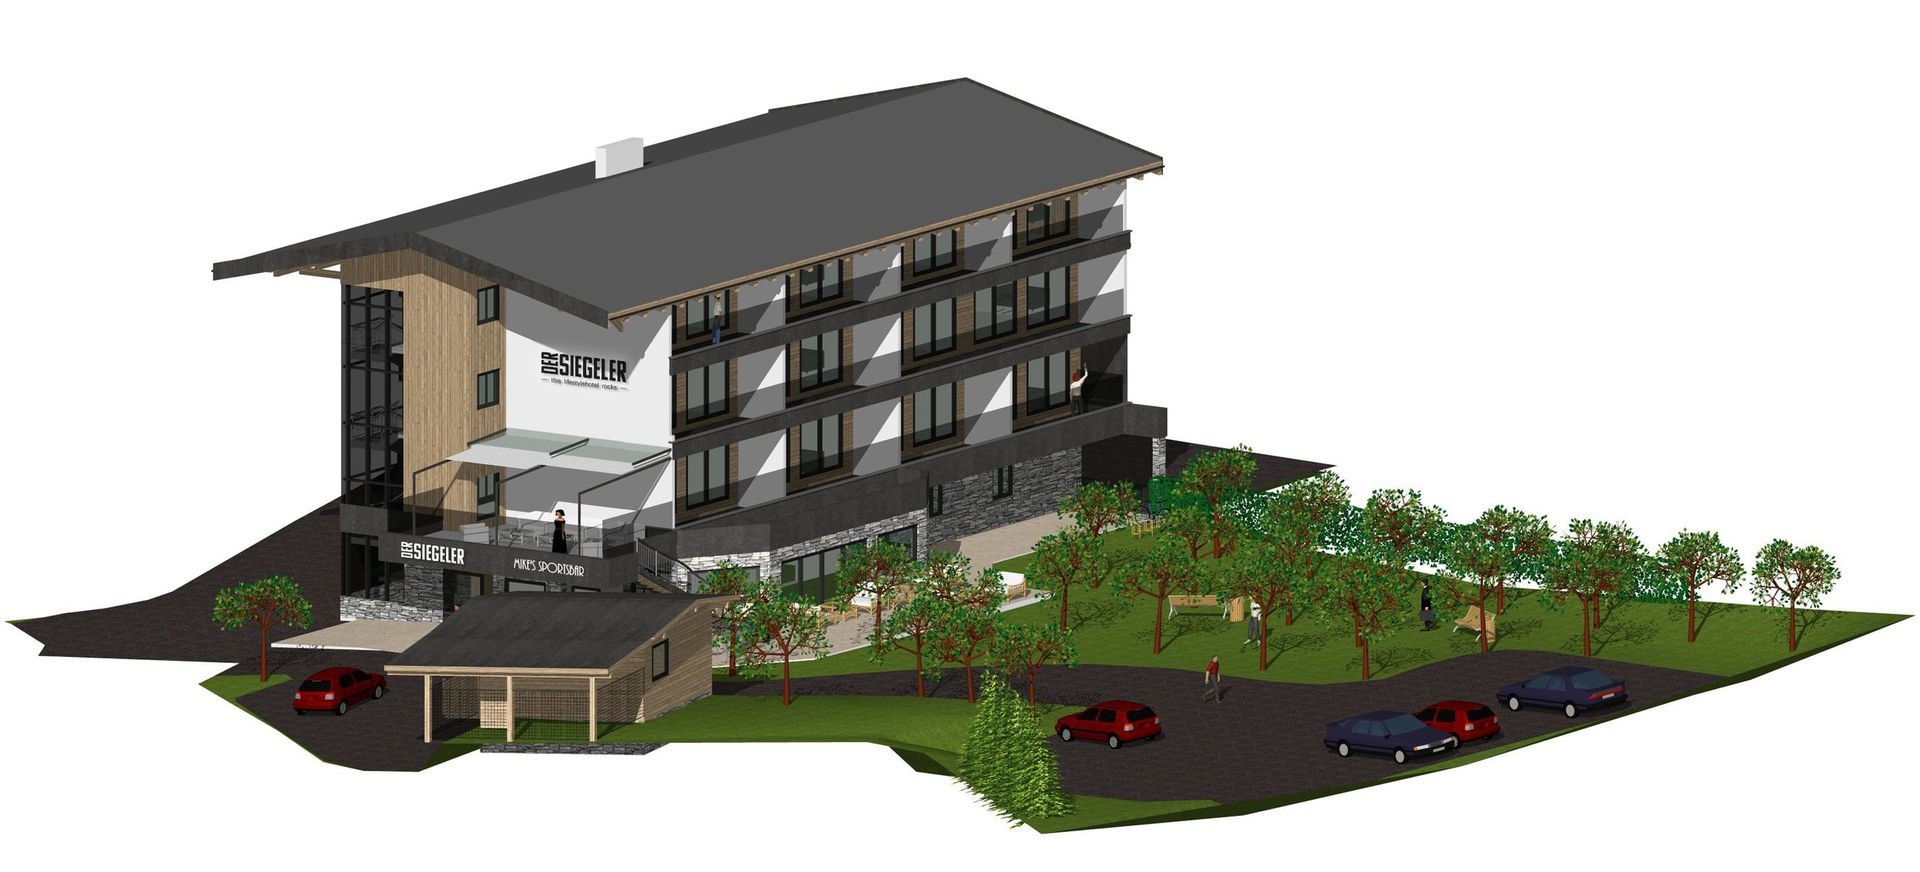 Slide1 - Der Siegeler - this lifestylehotel rocks